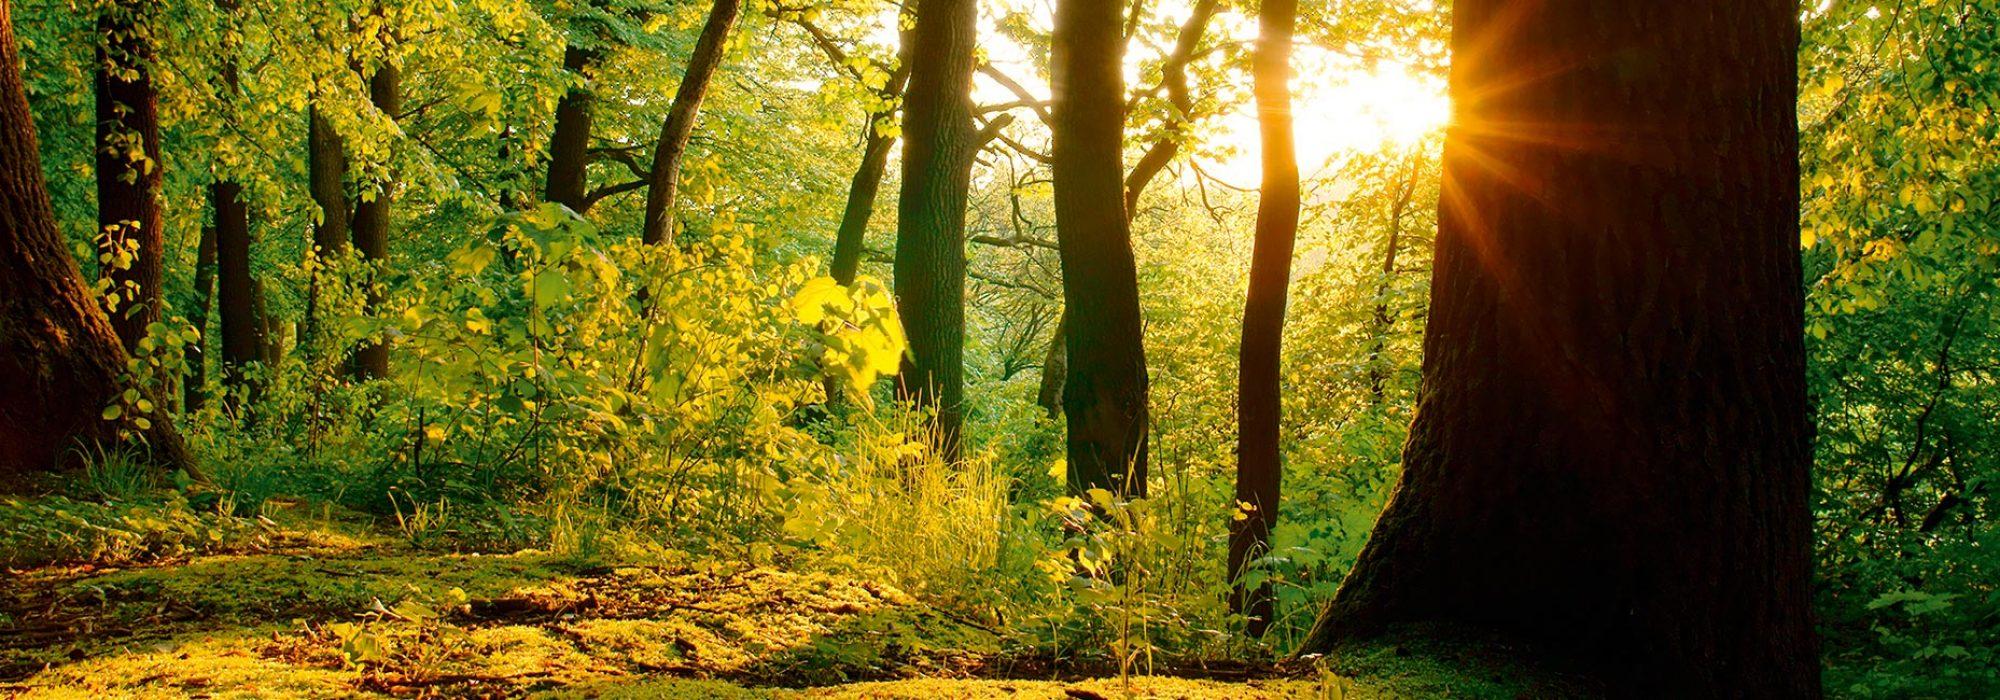 Hintergrund Zitat Wald